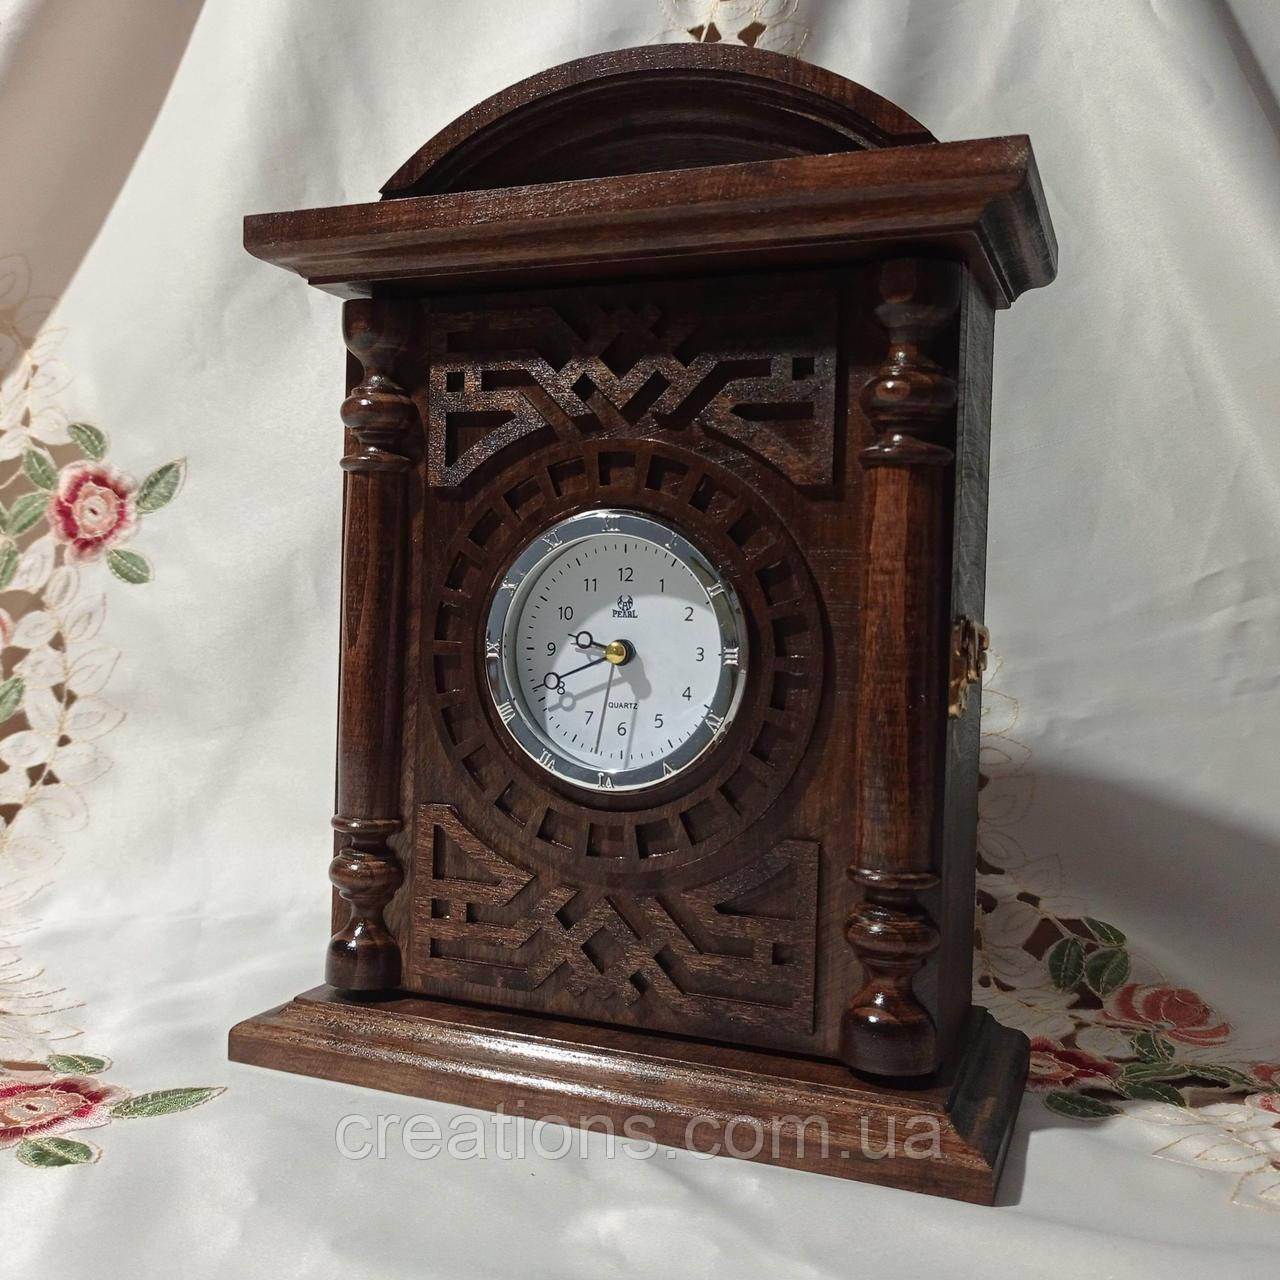 Деревянная ключница-часы 36х24 см. закрытая на 6 ключей универсальная